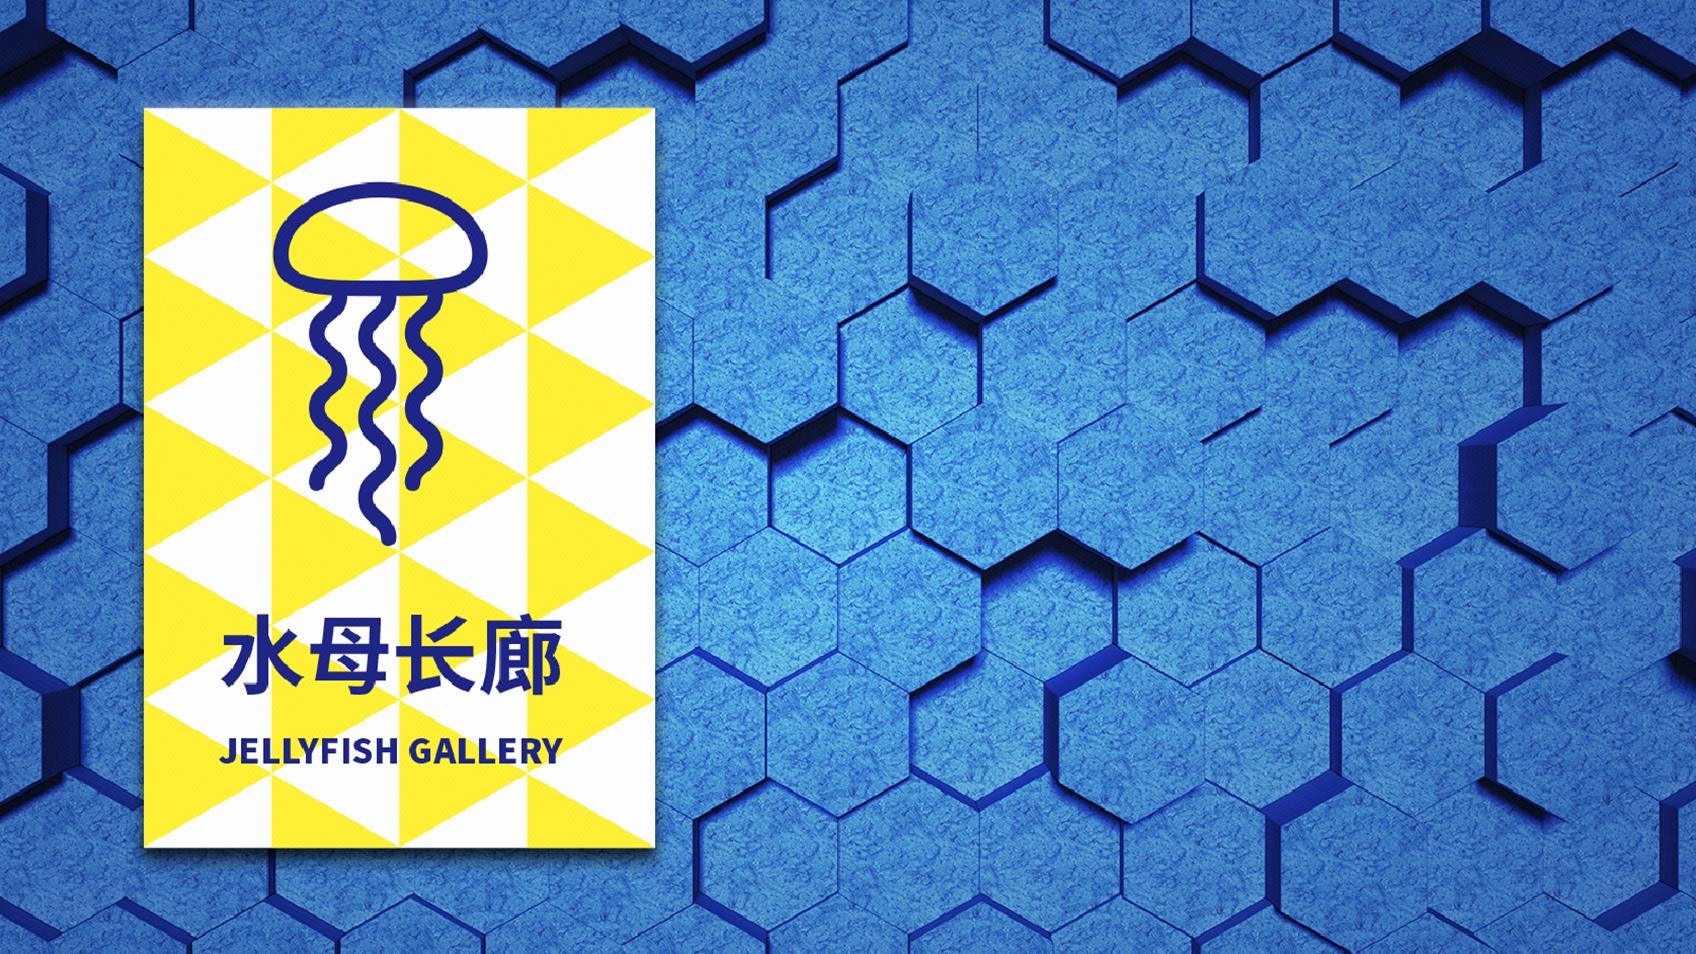 LOGO_字体设计文字logo公司企业品牌标志图标设计13